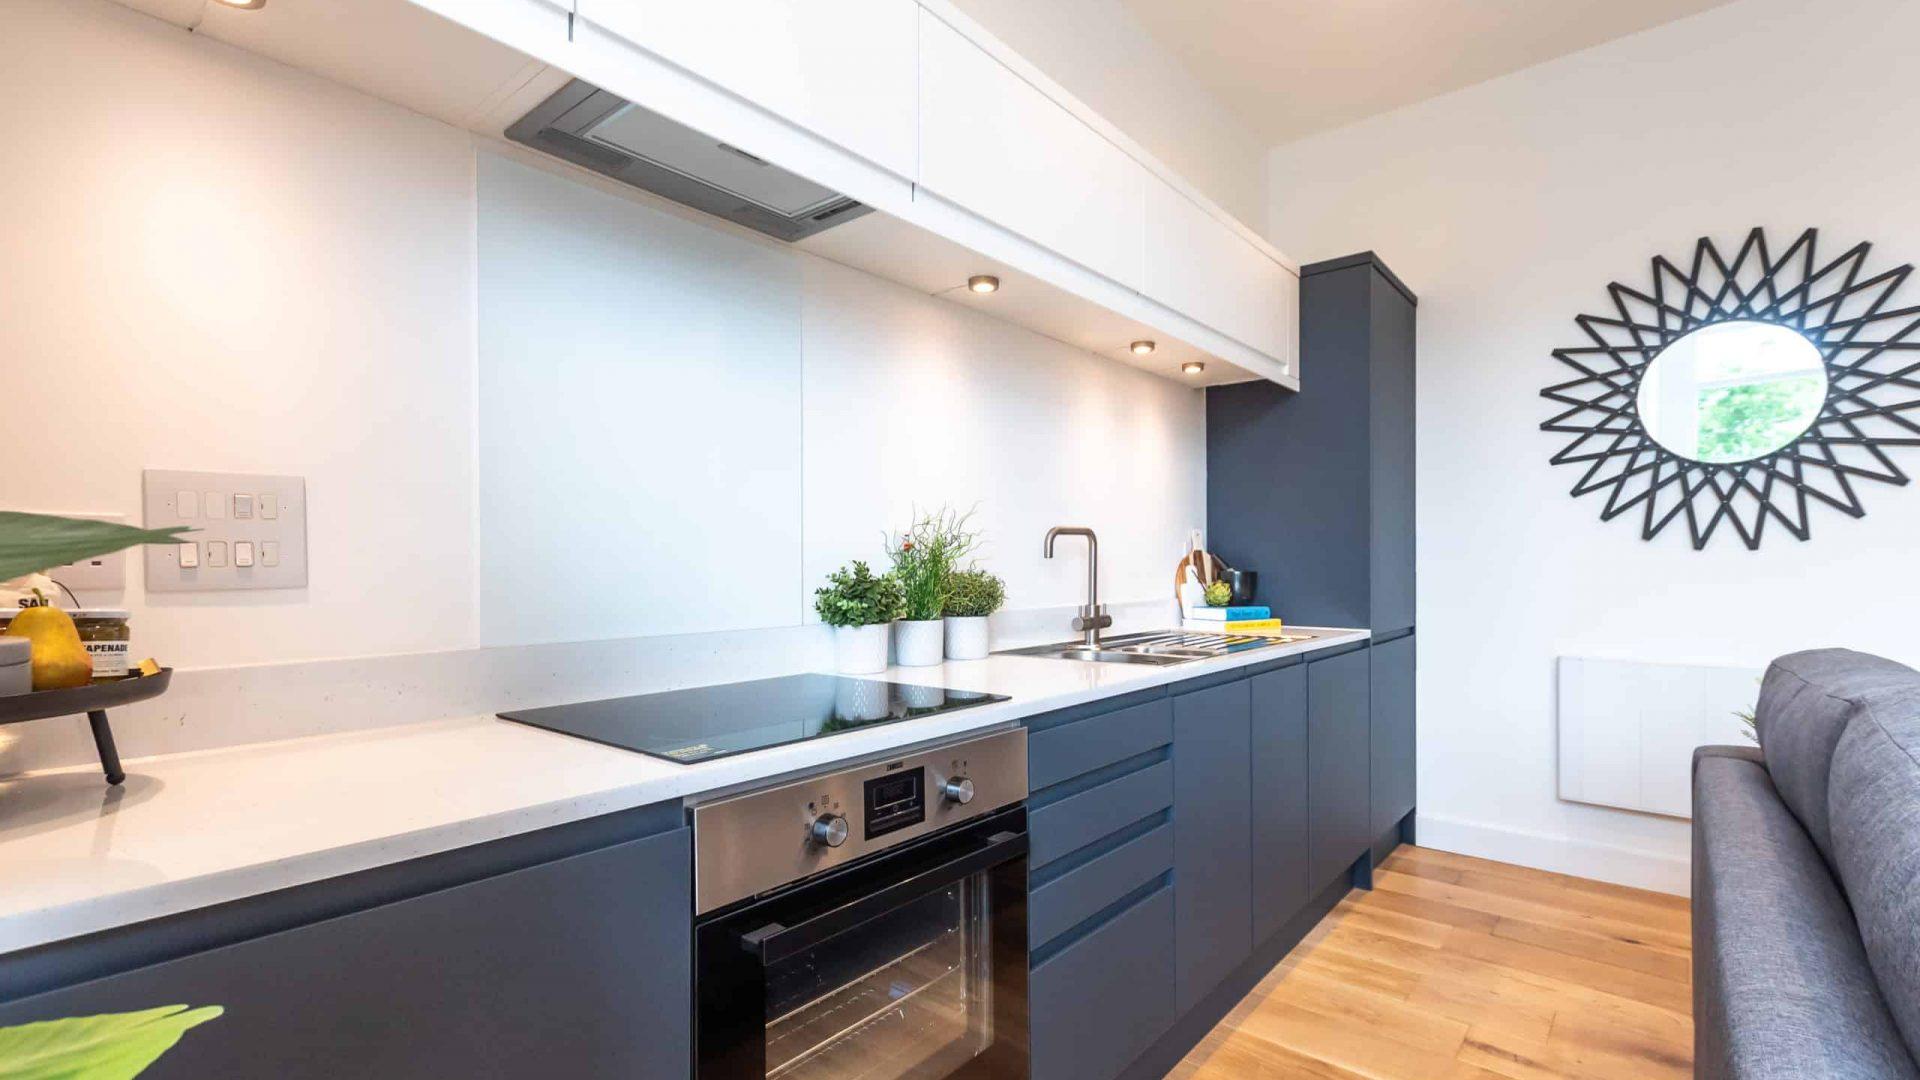 Southern House Property: Kitchen